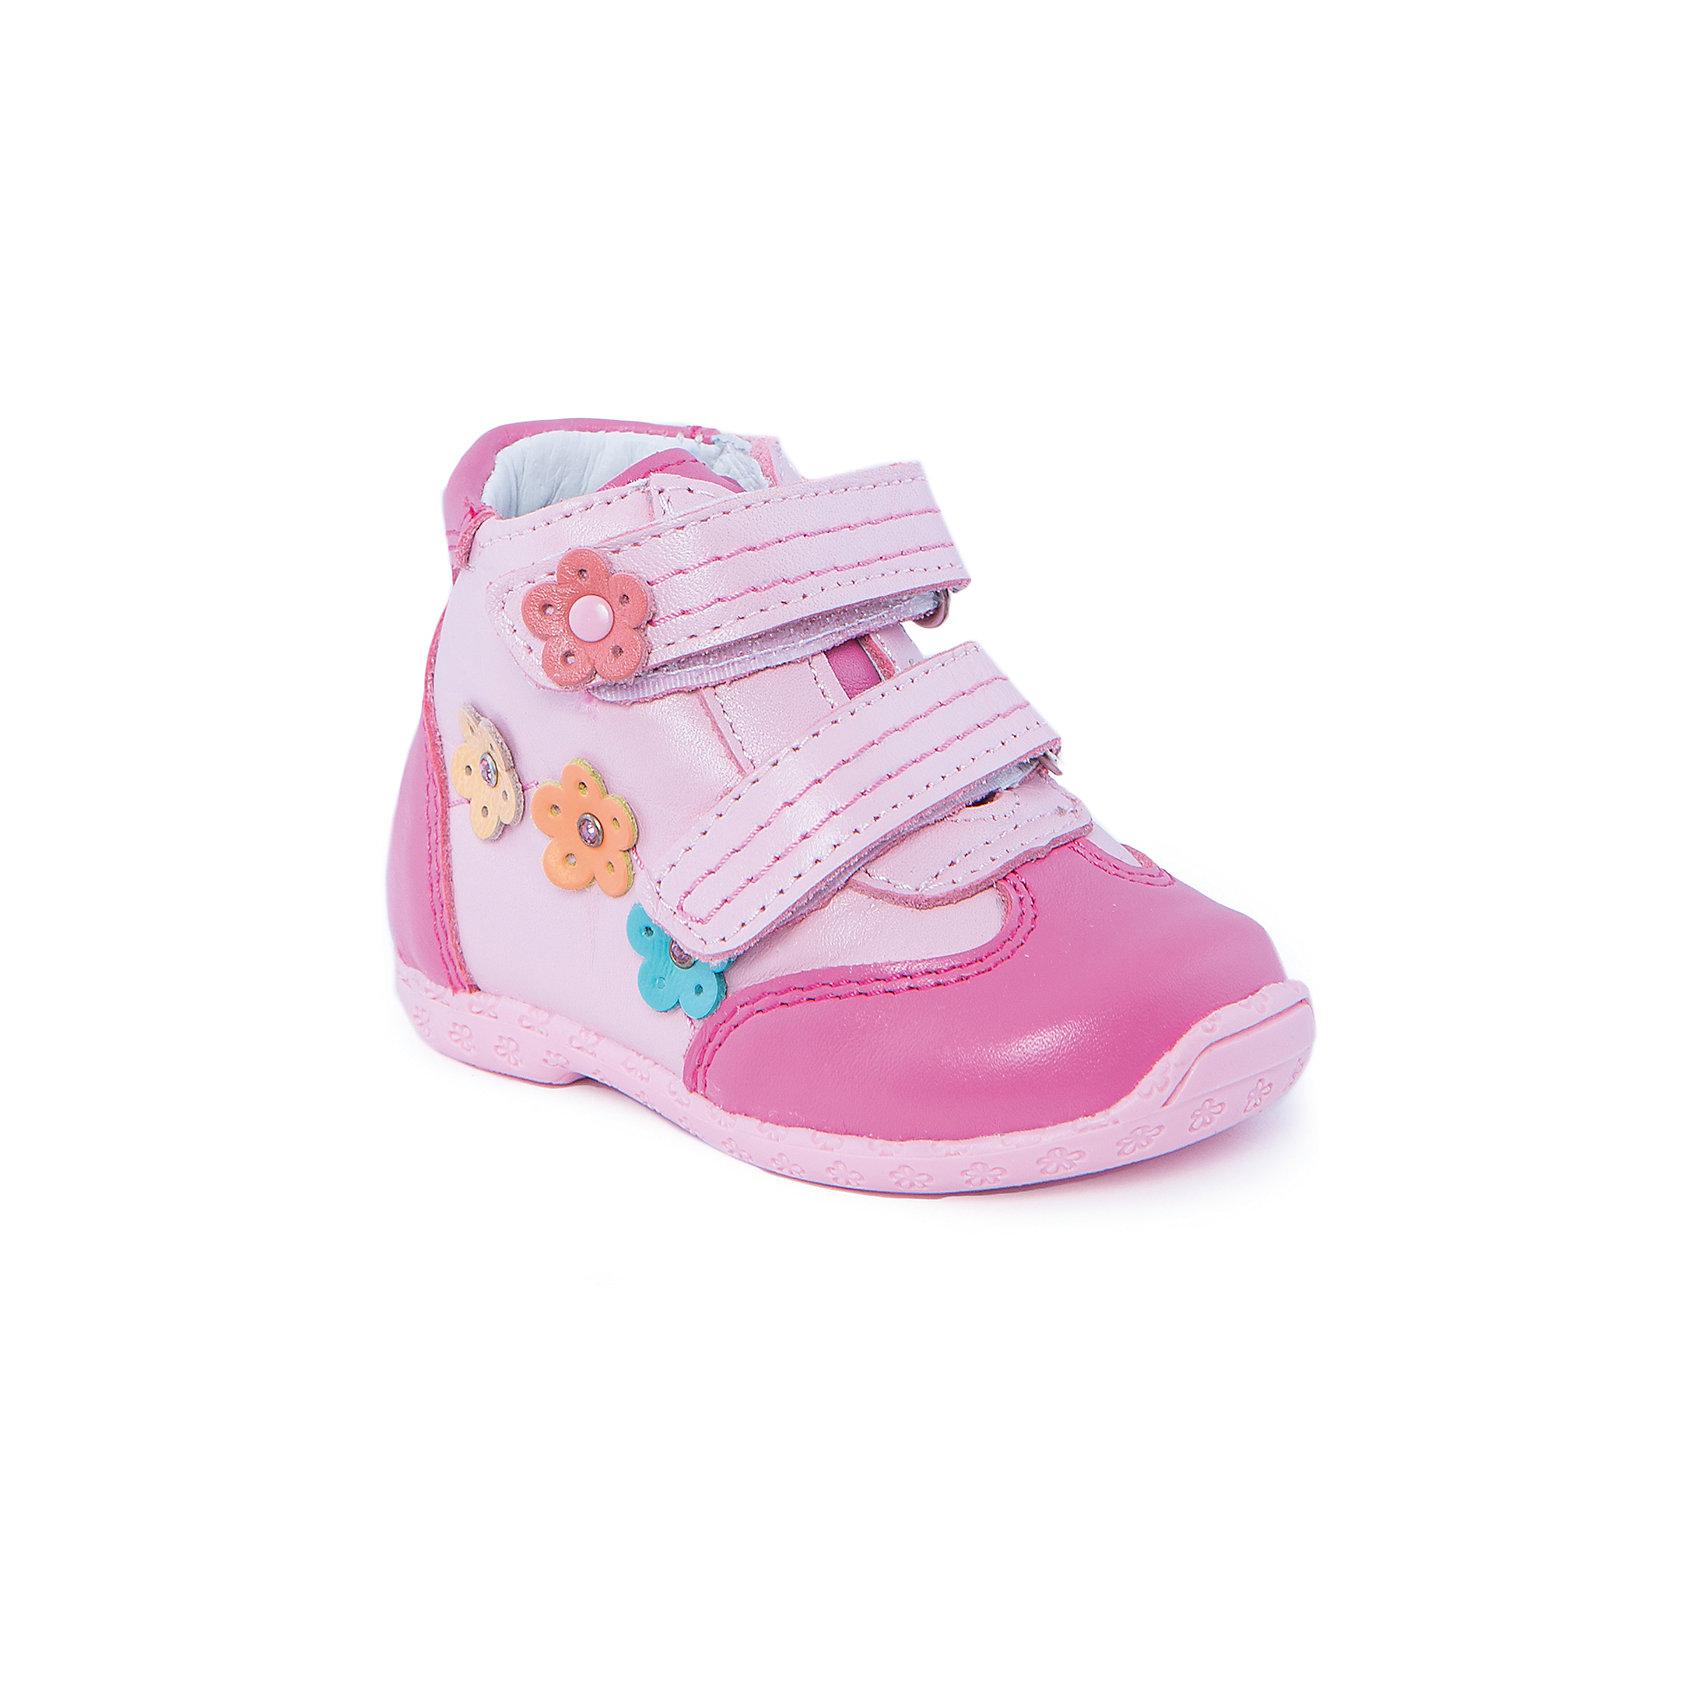 Ботинки для девочки КотофейБотинки для девочки от популярной марки Котофей.<br>Красивые розовые ботинки – это модная и удобная обувь. Они легко застегиваются благодаря липучкам, отлично прошиты. Сделаны из натуральной кожи.<br>Отличительные особенности модели:<br>- модный дизайн;<br>- цвет розовый, декорированы яркими цветами;<br>- комфортная колодка;<br>- устойчивая подошва;<br>- удобные застежки-липучки;<br>- материал – натуральная кожа.<br>Дополнительная информация:<br>- Температурный режим: от + 5° С  до + 25° С.<br>- Состав:<br>материал верха: натуральная кожа<br>материал подкладки: натуральная кожа<br>подошва: ТЭП.<br>Ботинки для девочки Котофей можно купить в нашем магазине.<br><br>Ширина мм: 262<br>Глубина мм: 176<br>Высота мм: 97<br>Вес г: 427<br>Цвет: розовый<br>Возраст от месяцев: 15<br>Возраст до месяцев: 18<br>Пол: Женский<br>Возраст: Детский<br>Размер: 22,19,20,21<br>SKU: 4206724